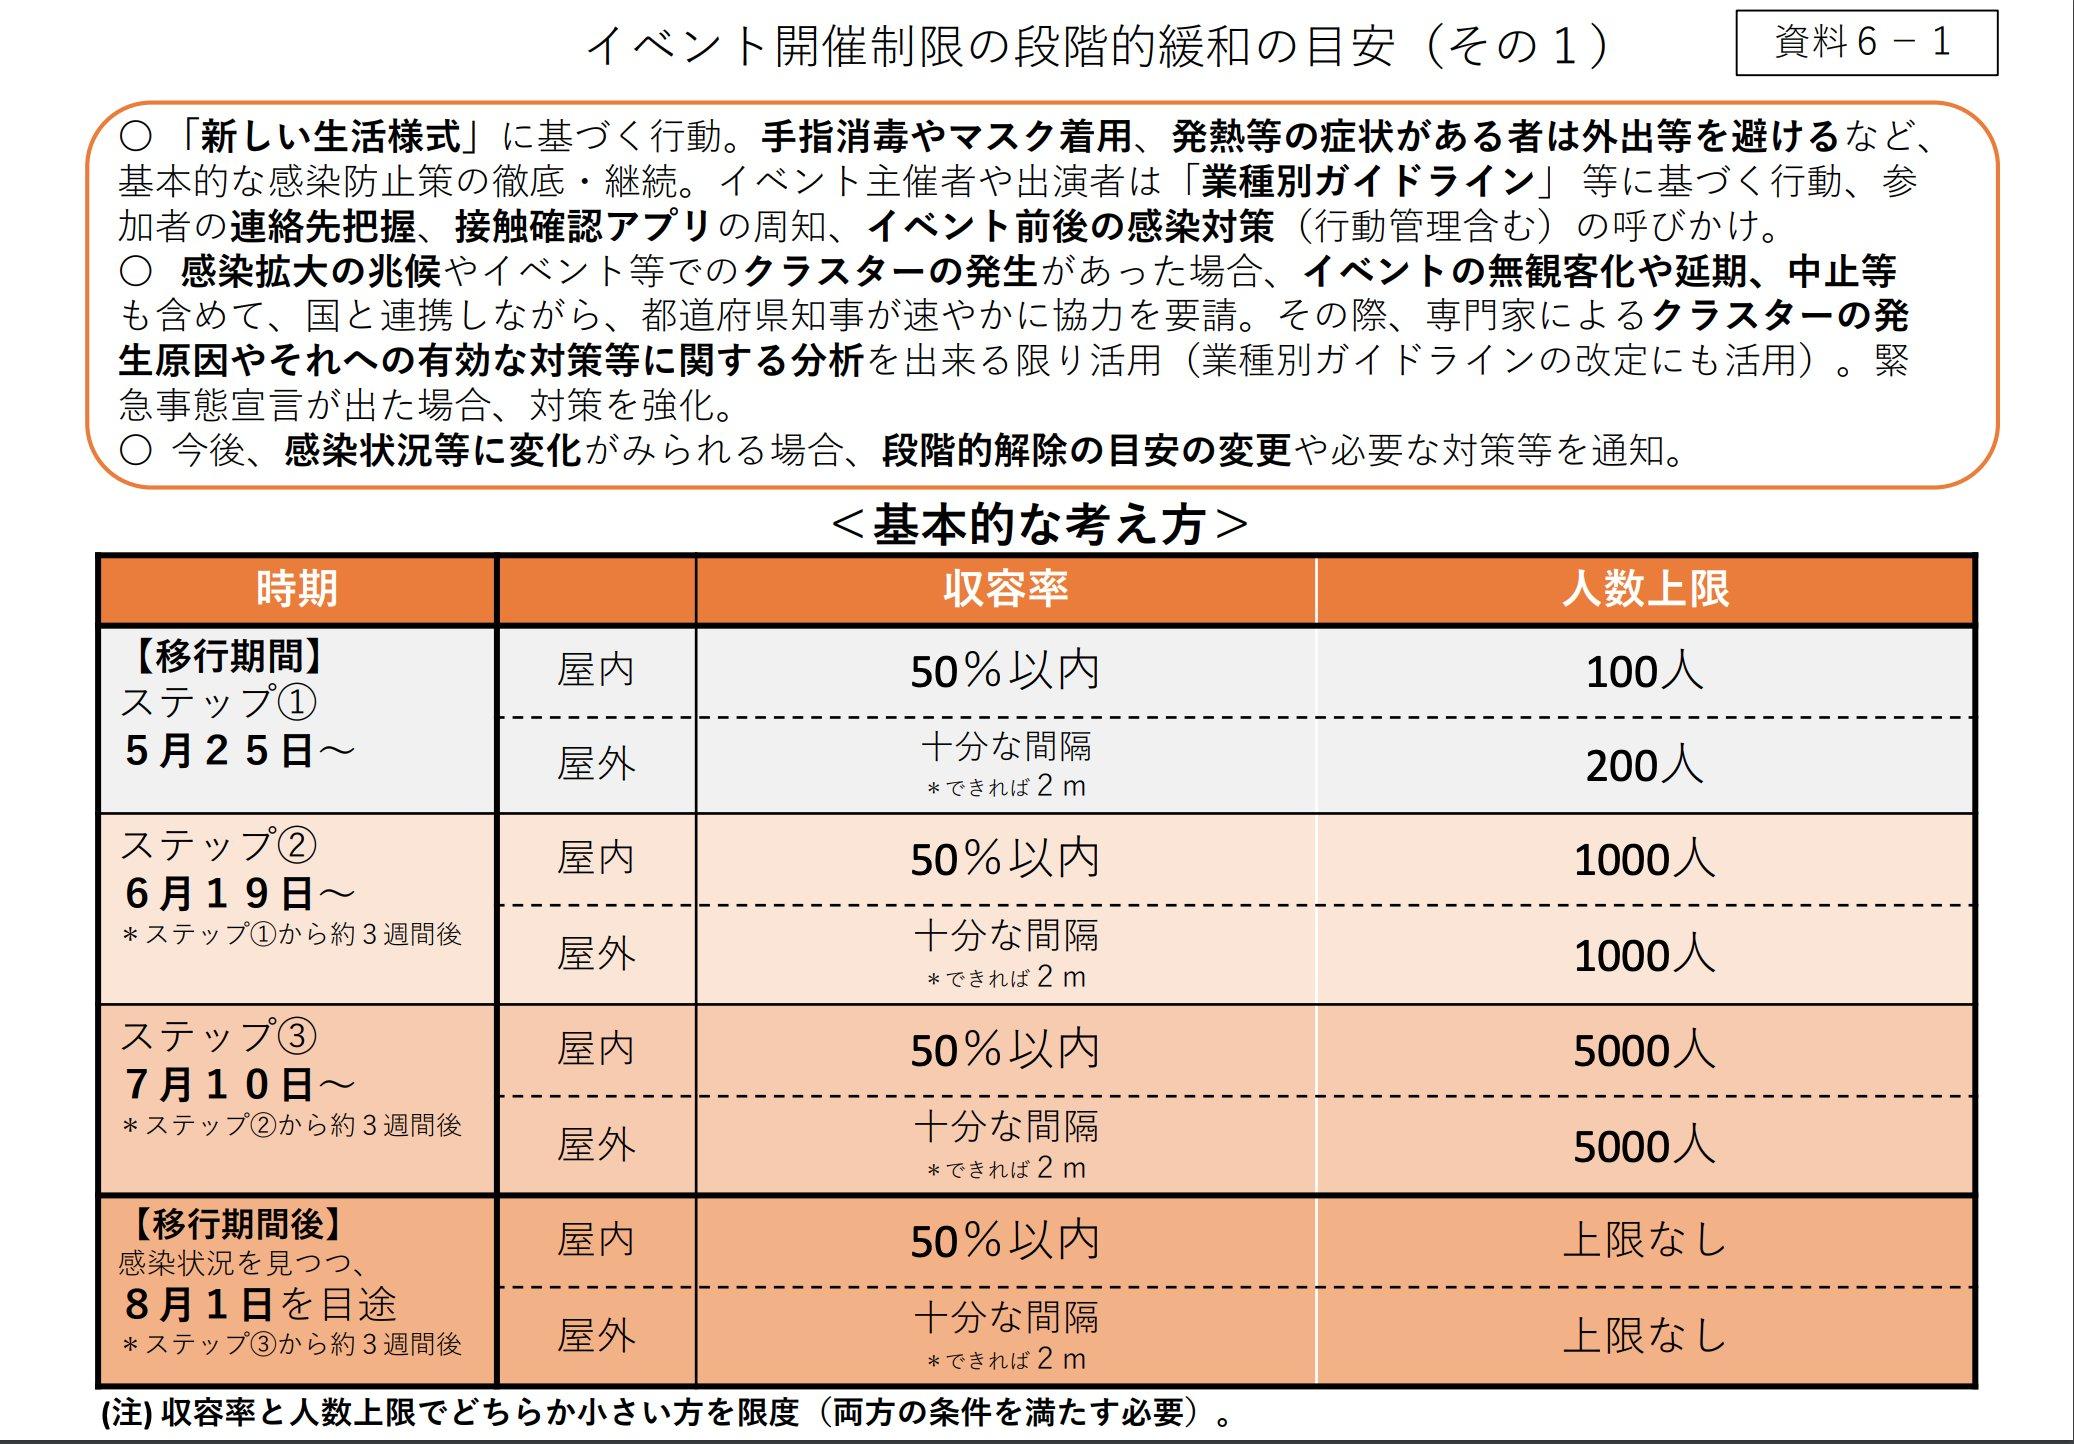 【資料】新型コロナウイルス感染症対策本部(第36回)